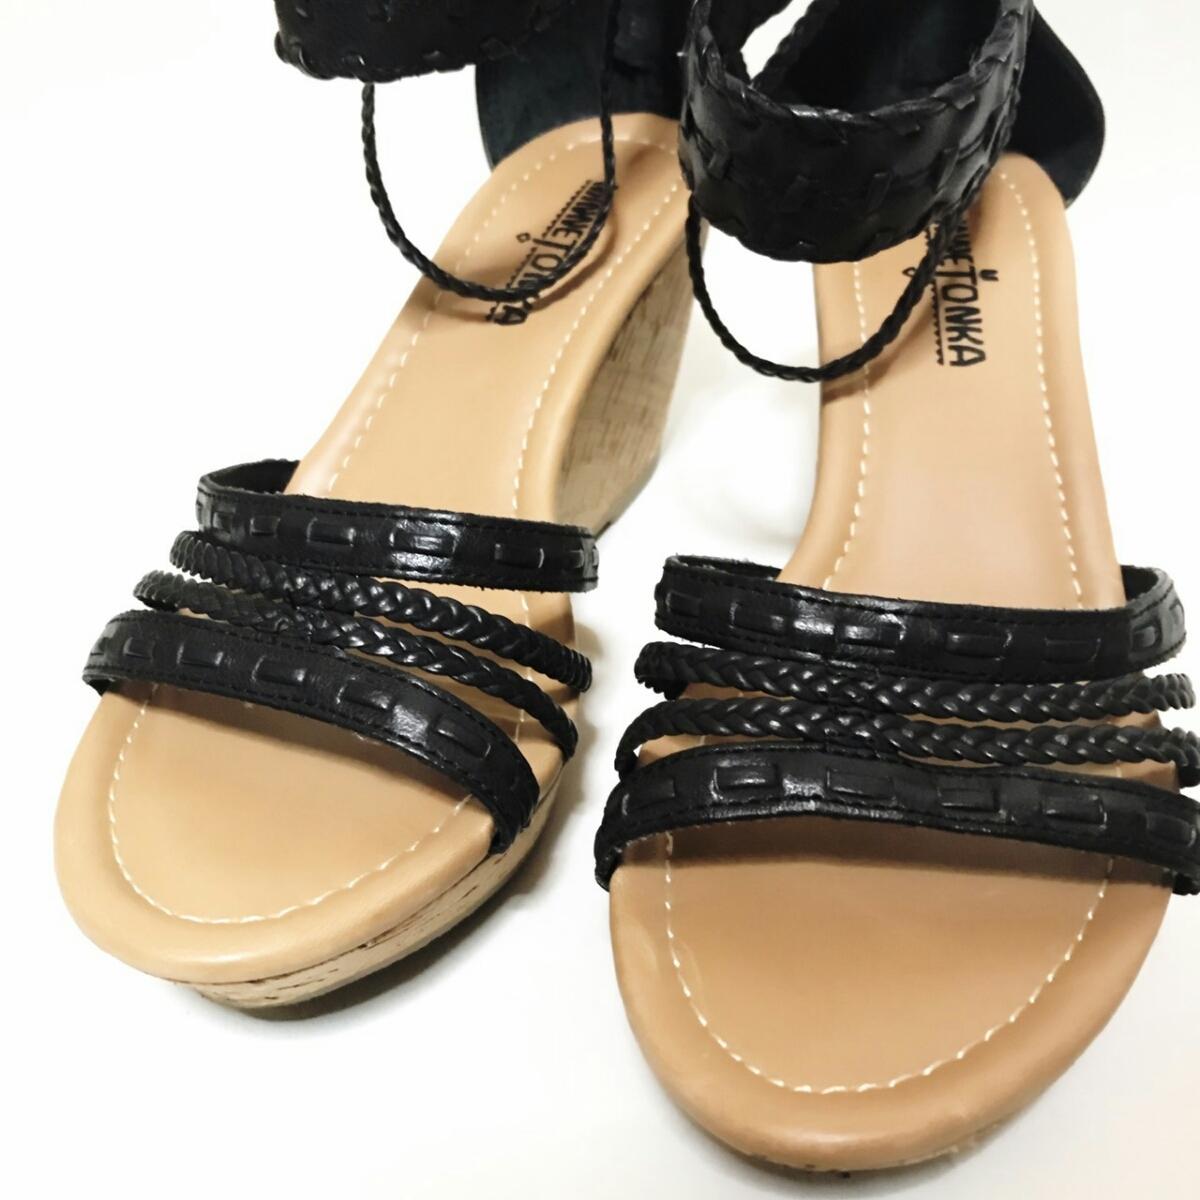 MINNE TONKA 23.5cmぐらい 3E レディース サンダル パンプス ブラック 黒 ミネトンカ 婦人 靴 くつ 中古 g001_画像6